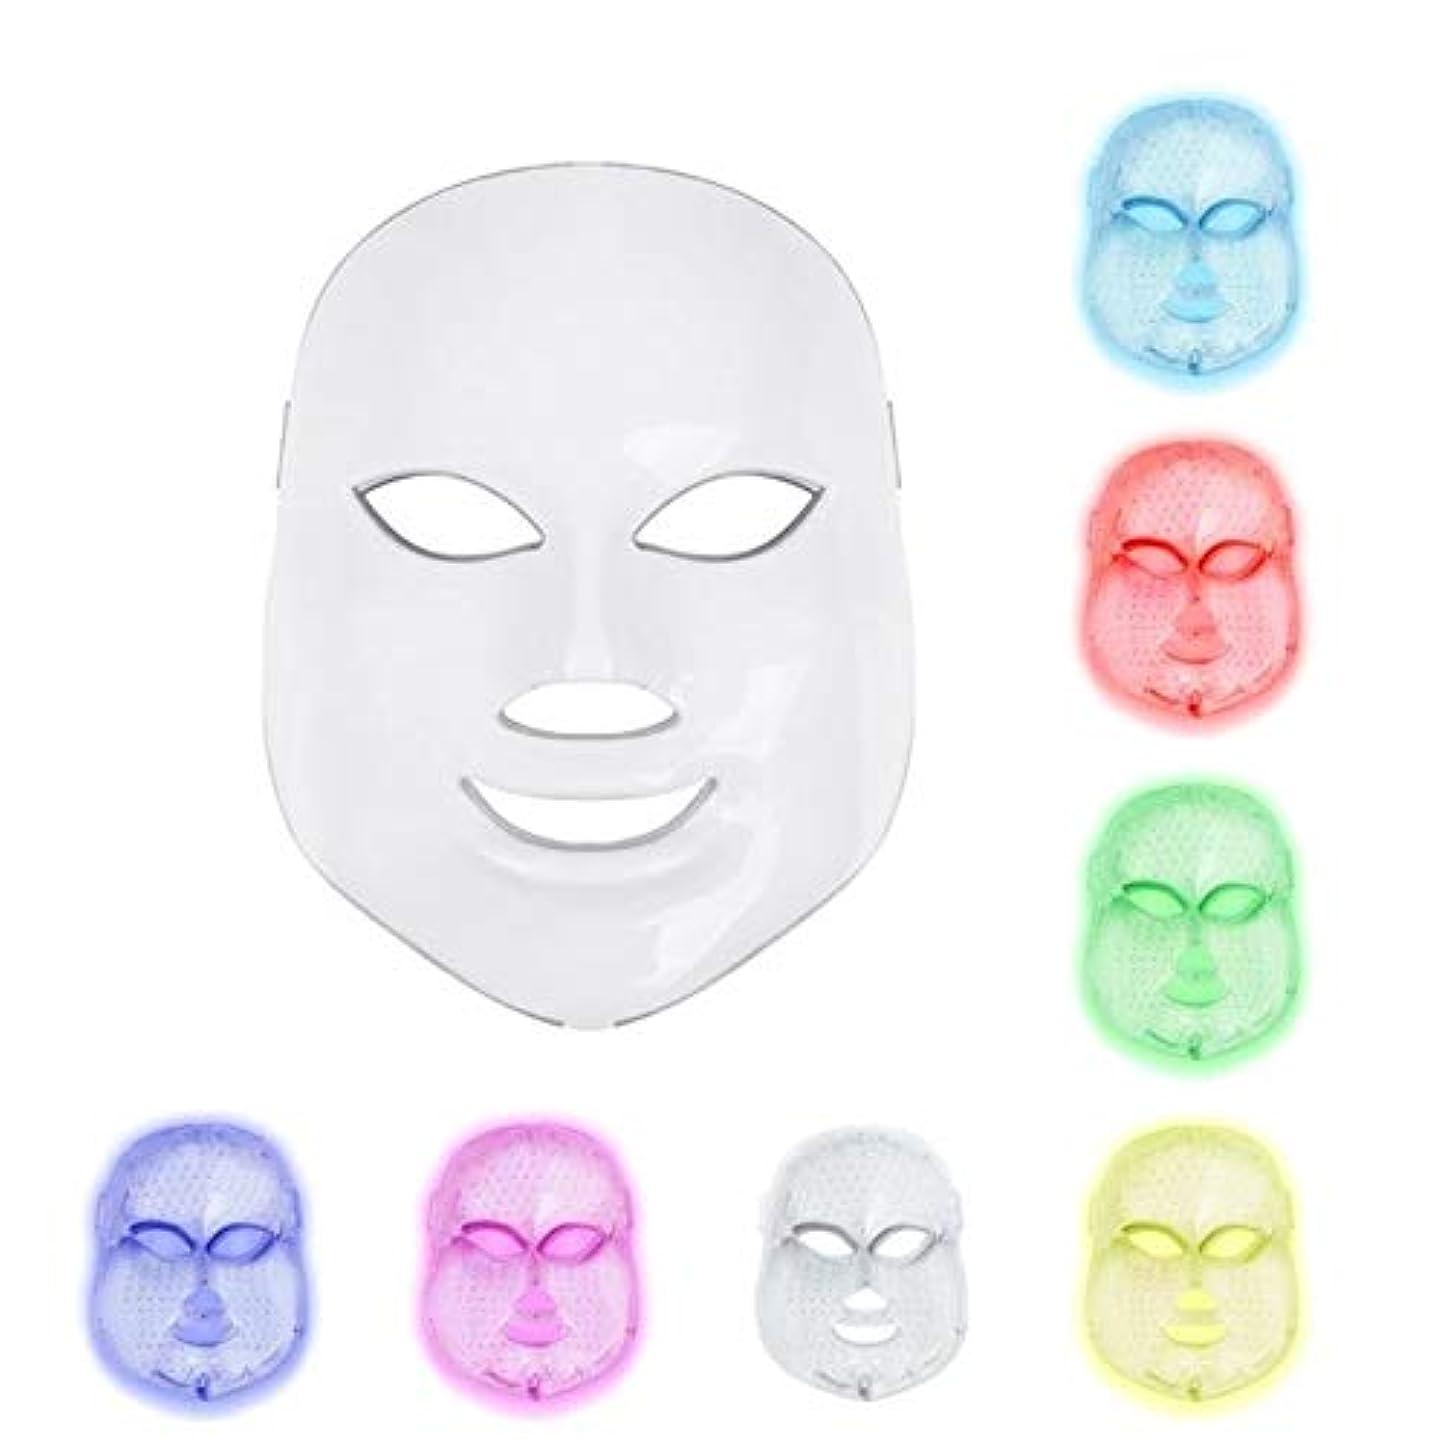 マントル談話胚芽Led光子療法7色光治療肌の若返りにきびスポットしわホワイトニング美顔術デイリースキンケアマスク